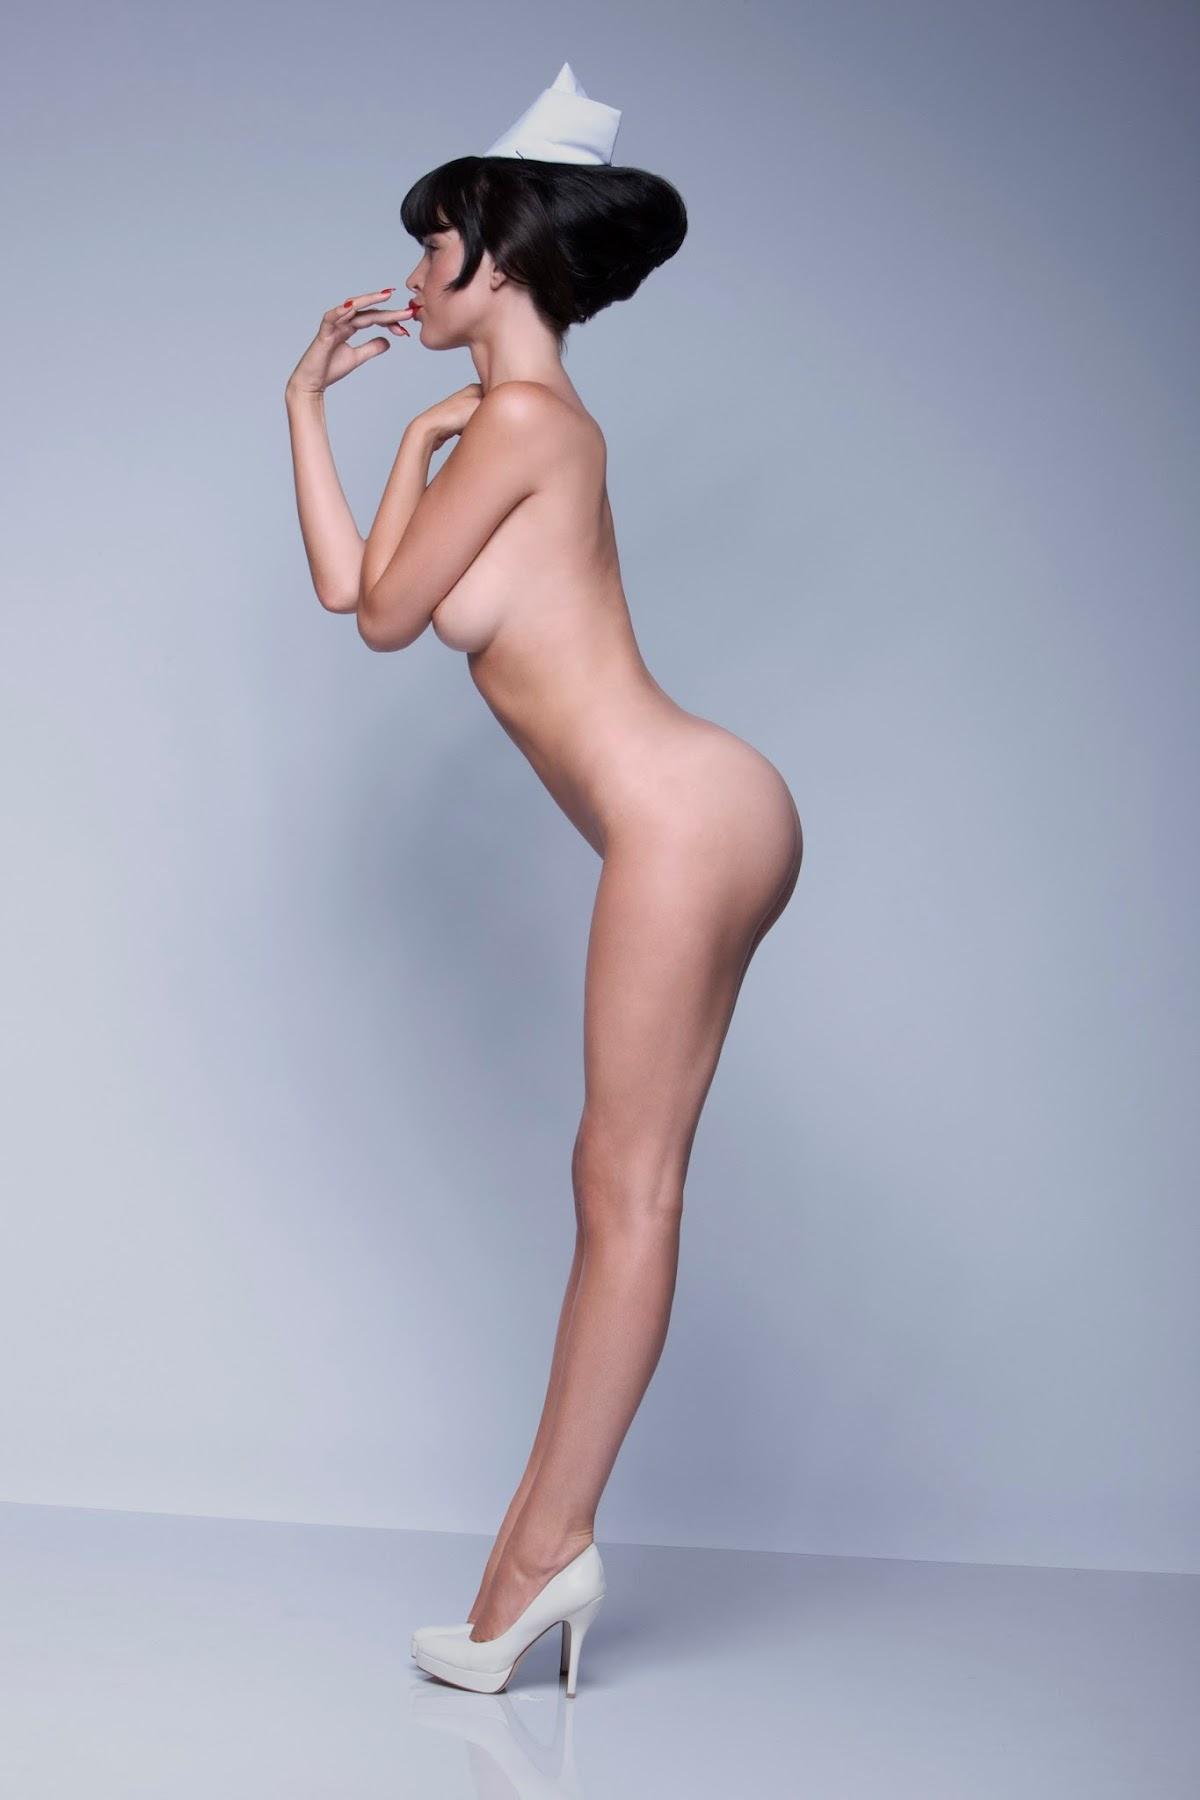 http://1.bp.blogspot.com/-lFy_1uFIHww/Uu1rgq0HxBI/AAAAAAAARjc/63srNG4PVbw/s1800/nurse1.jpg